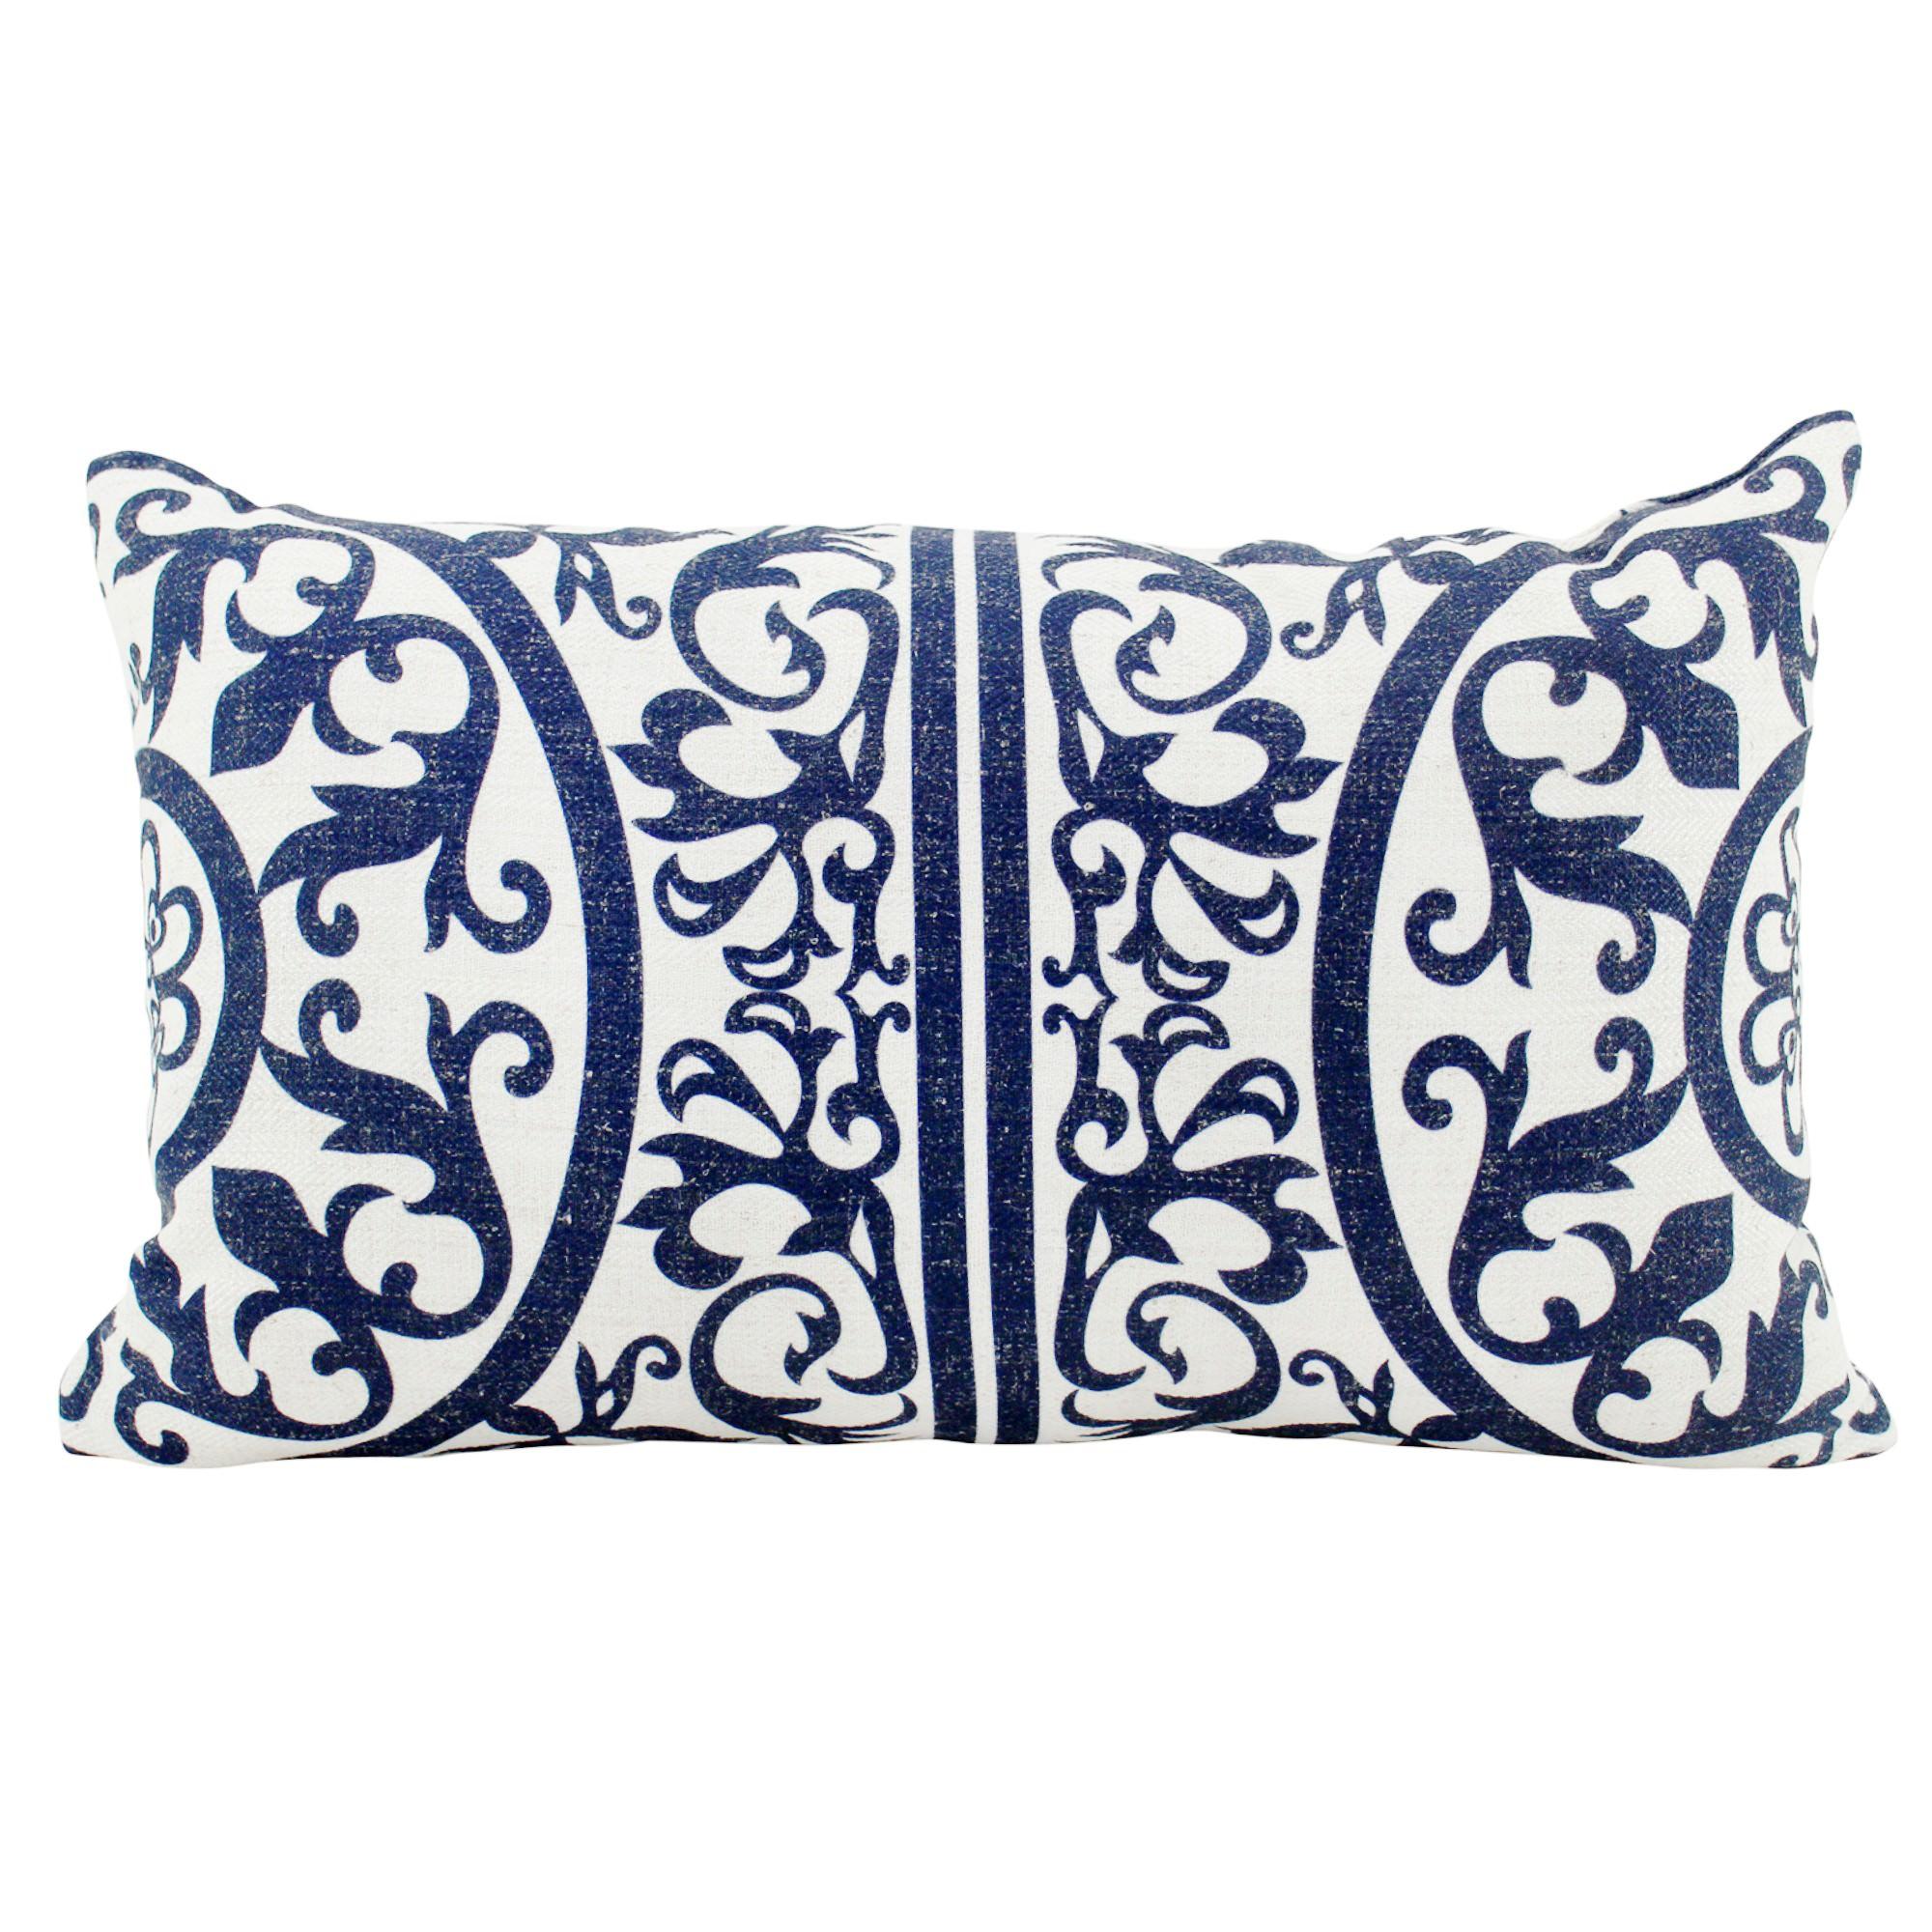 Hamptons Linen Lumbar Cushion, Navy